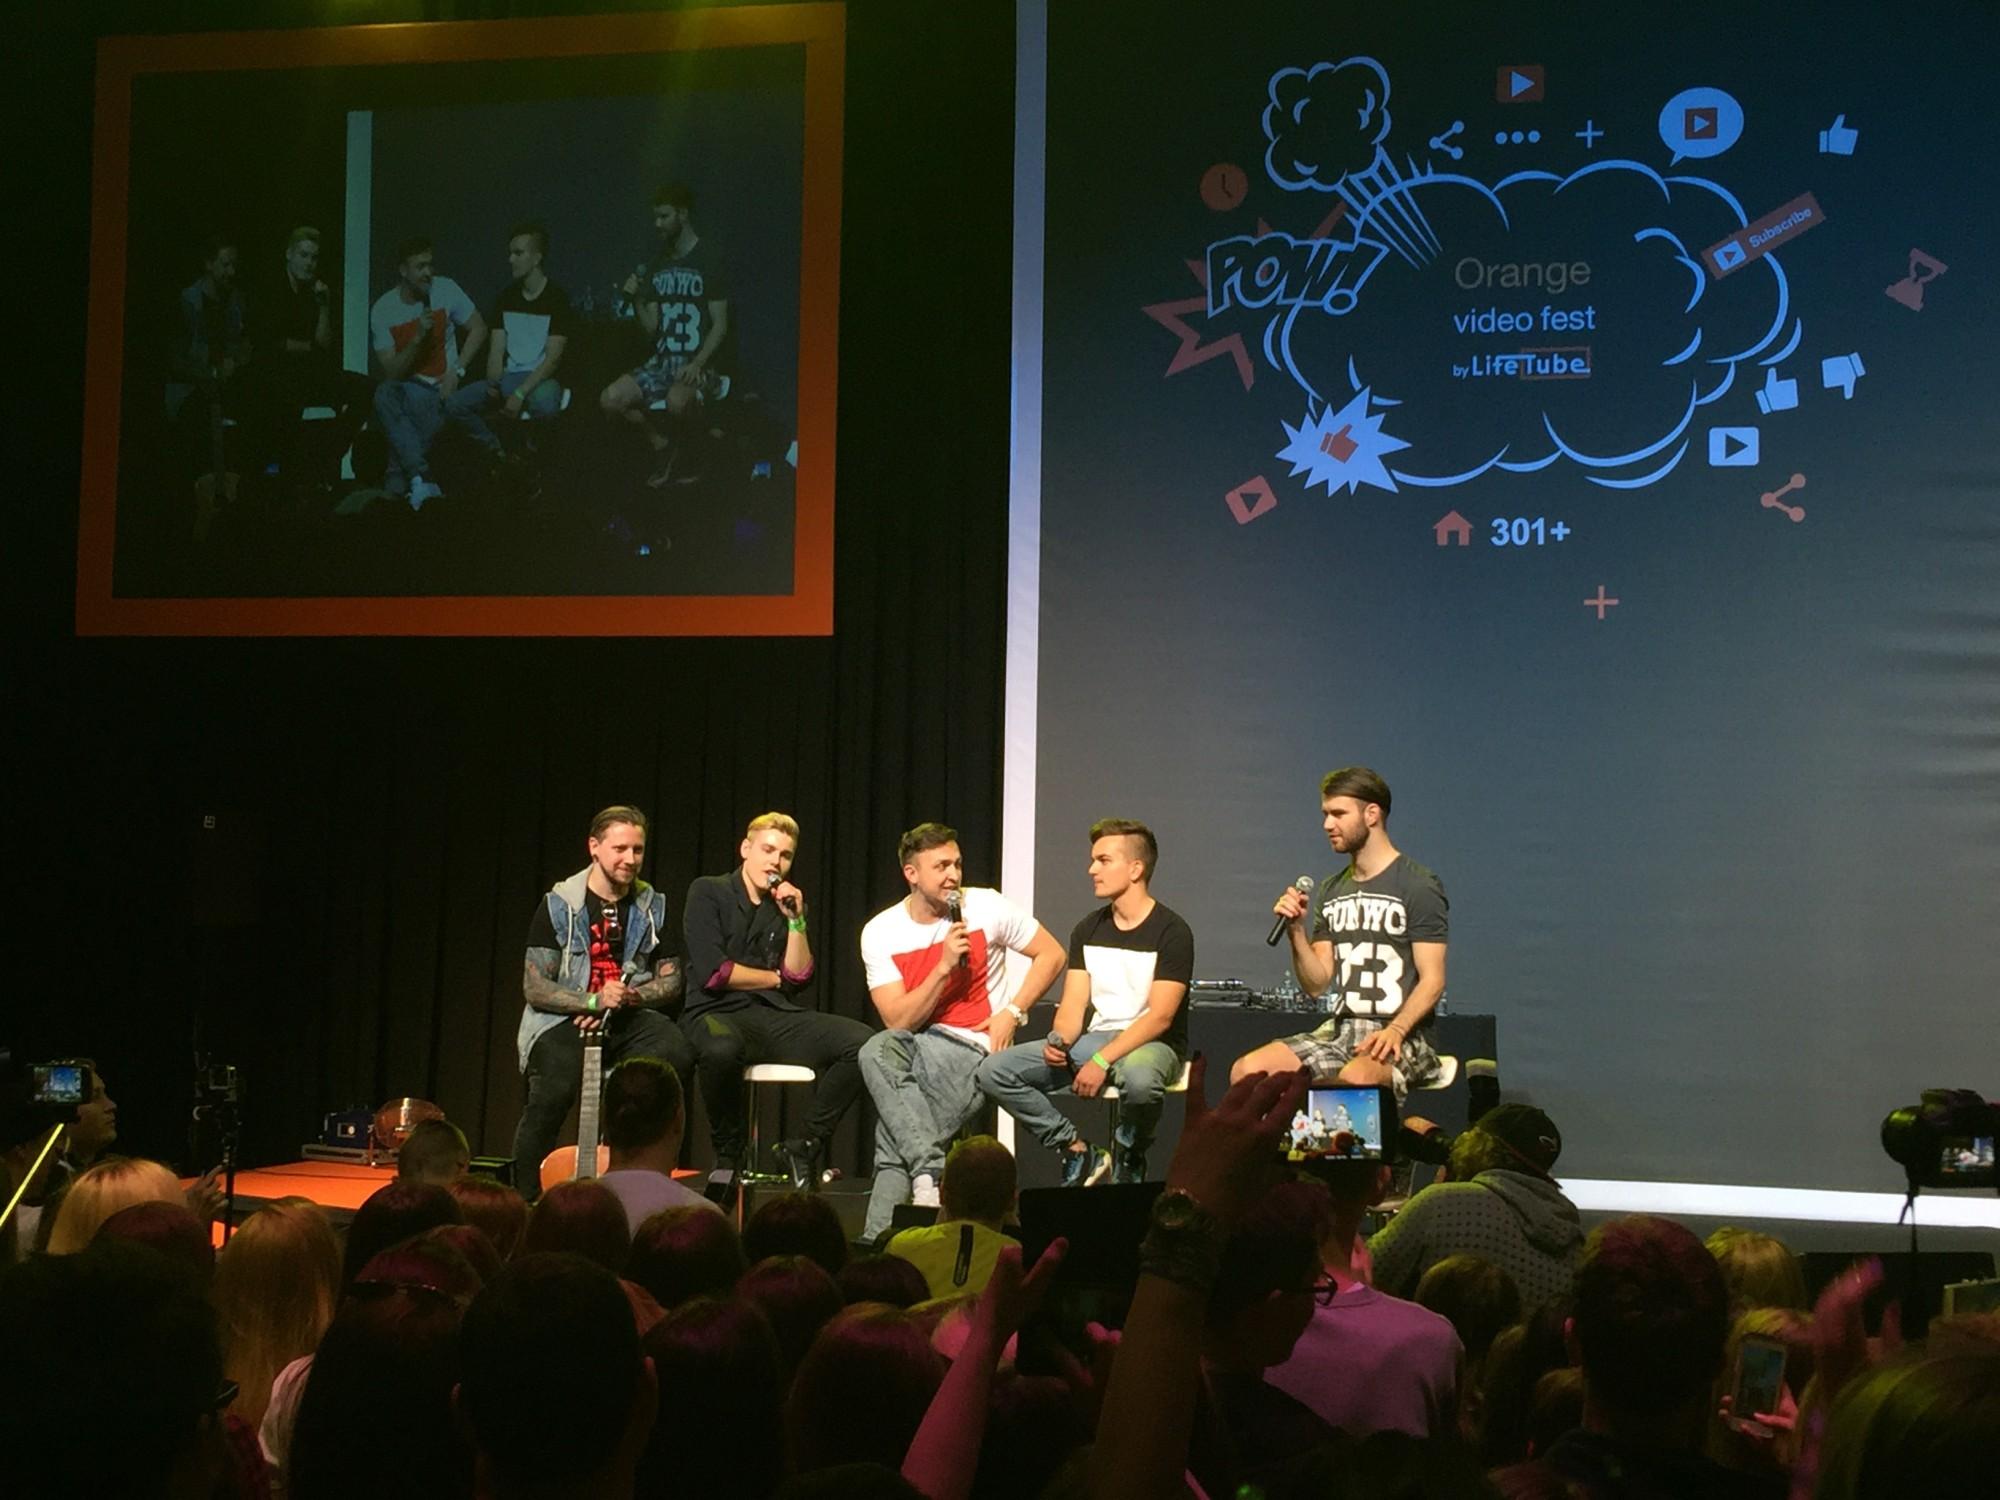 Kilka przemyśleń po Orange Video Fest